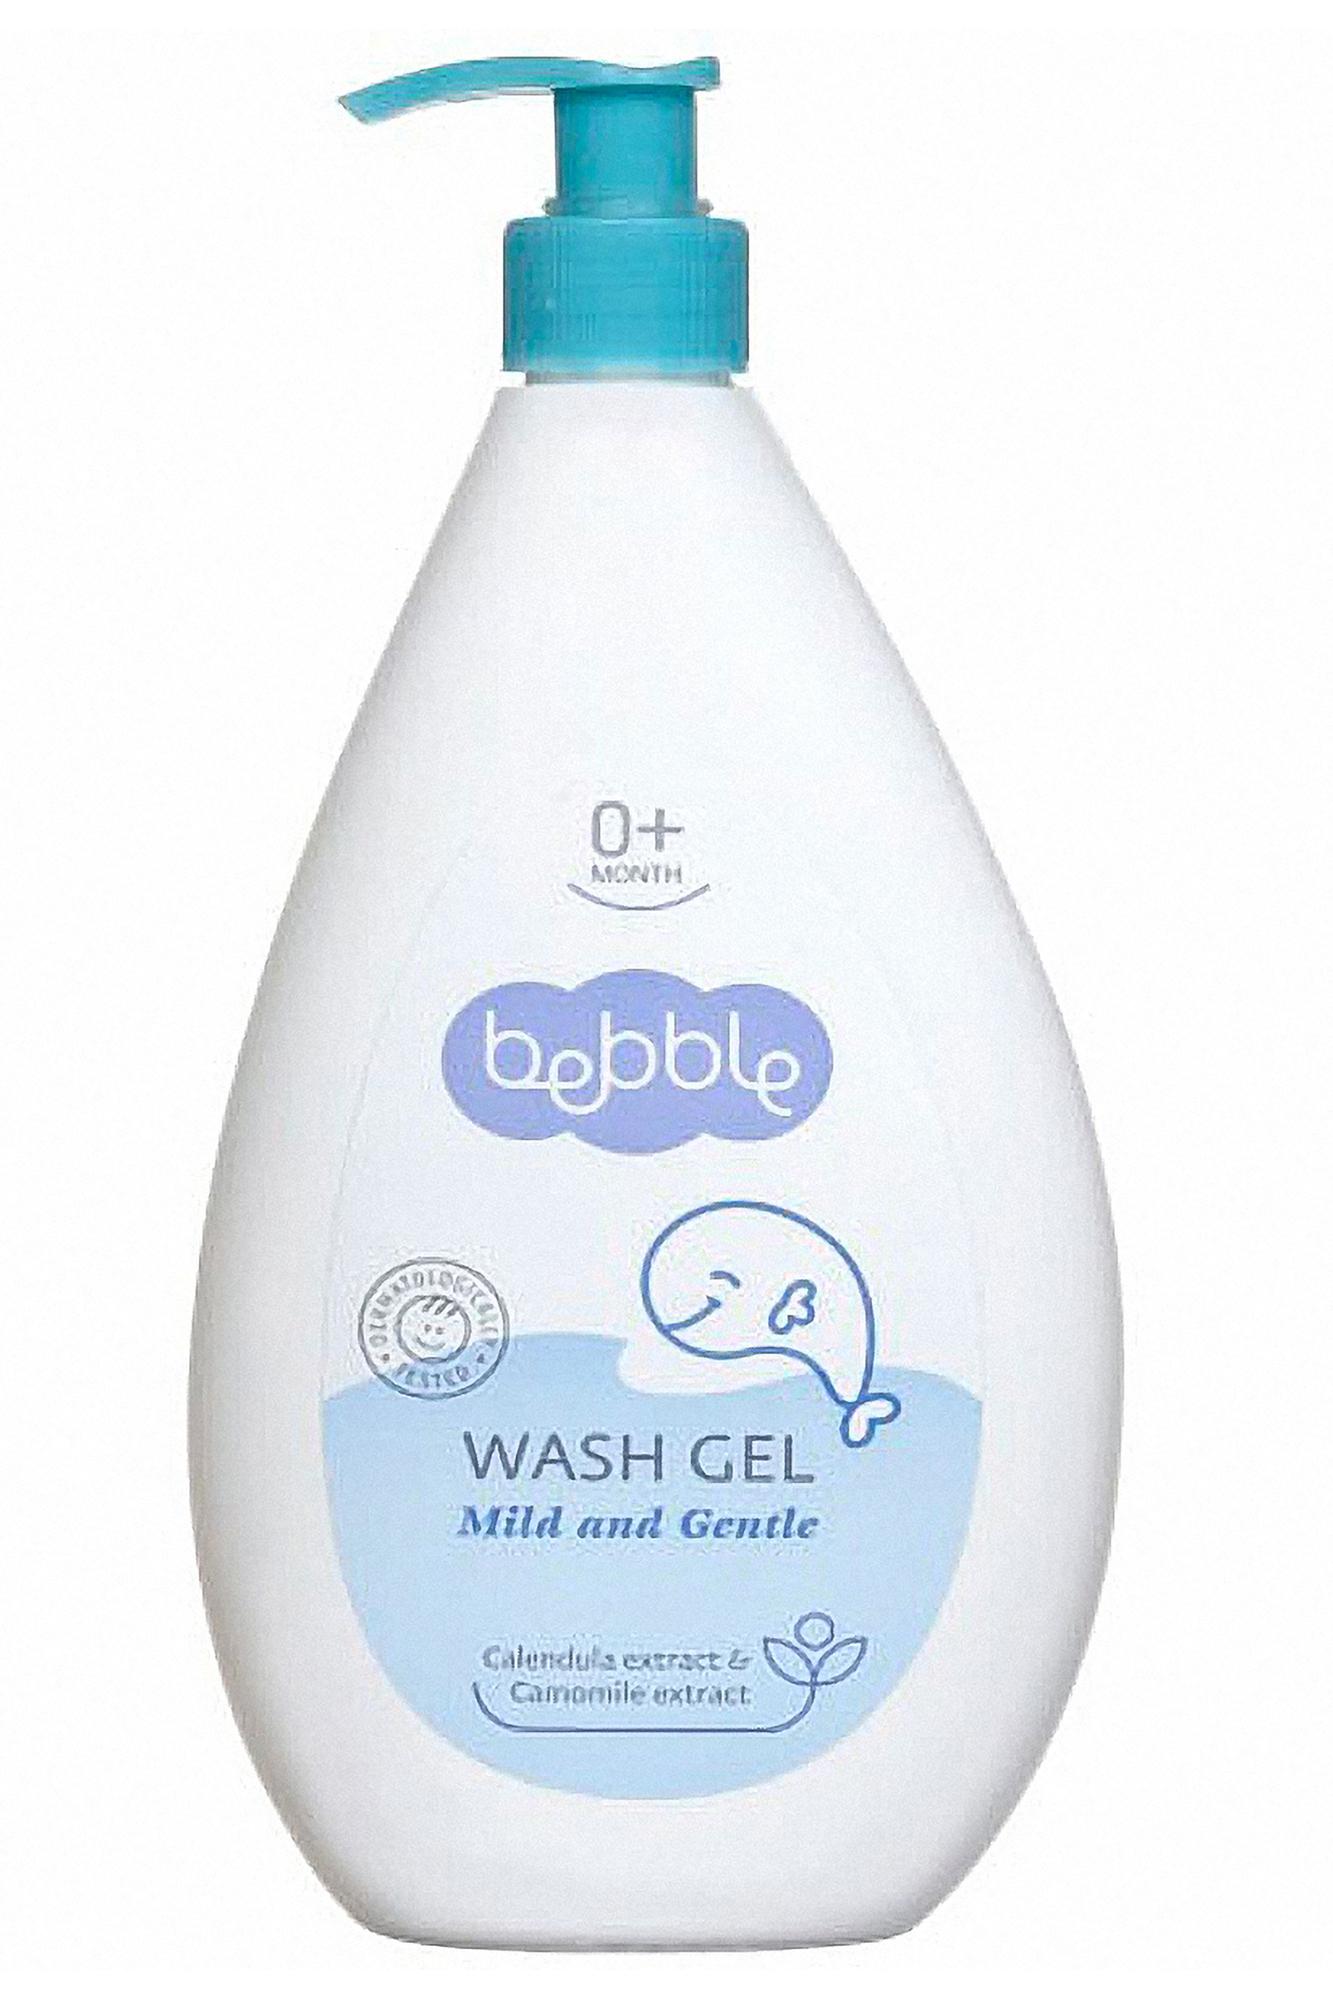 Гель для мытья детский (400 ml) 09014 N/A